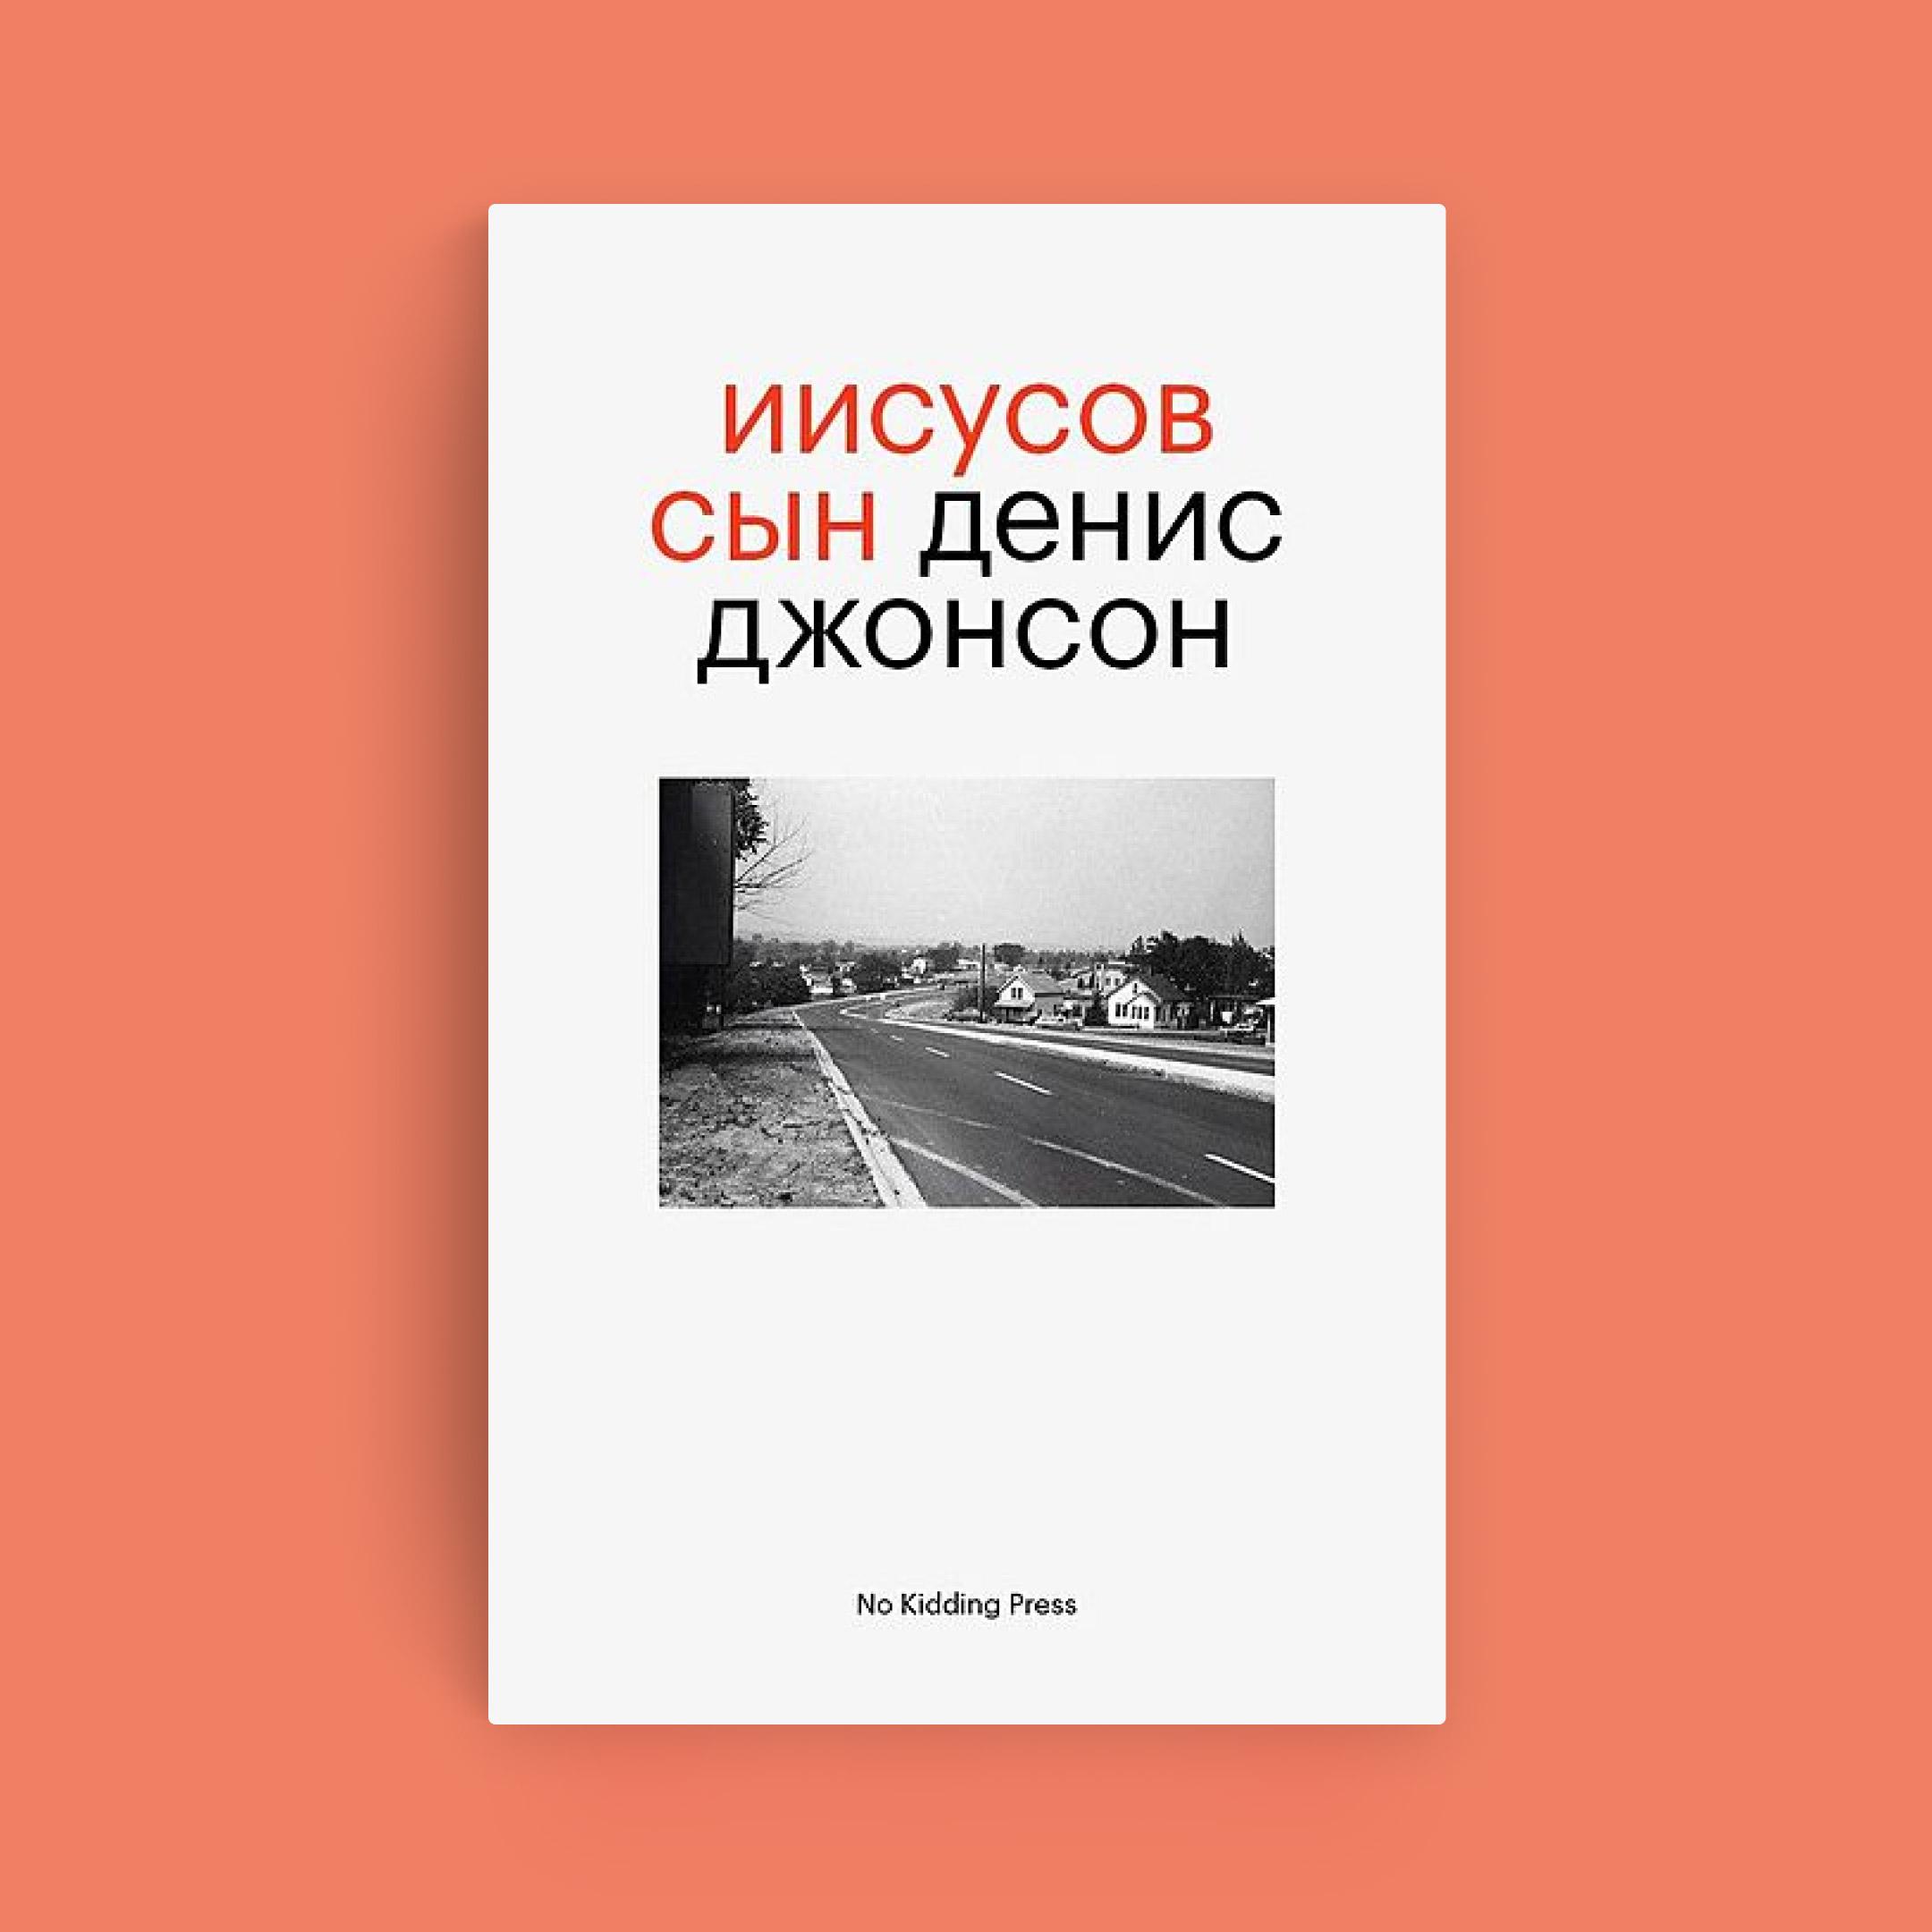 Обложка первой книги Дениса Джонсона, которая выходит нарусском; надеемся, непоследней